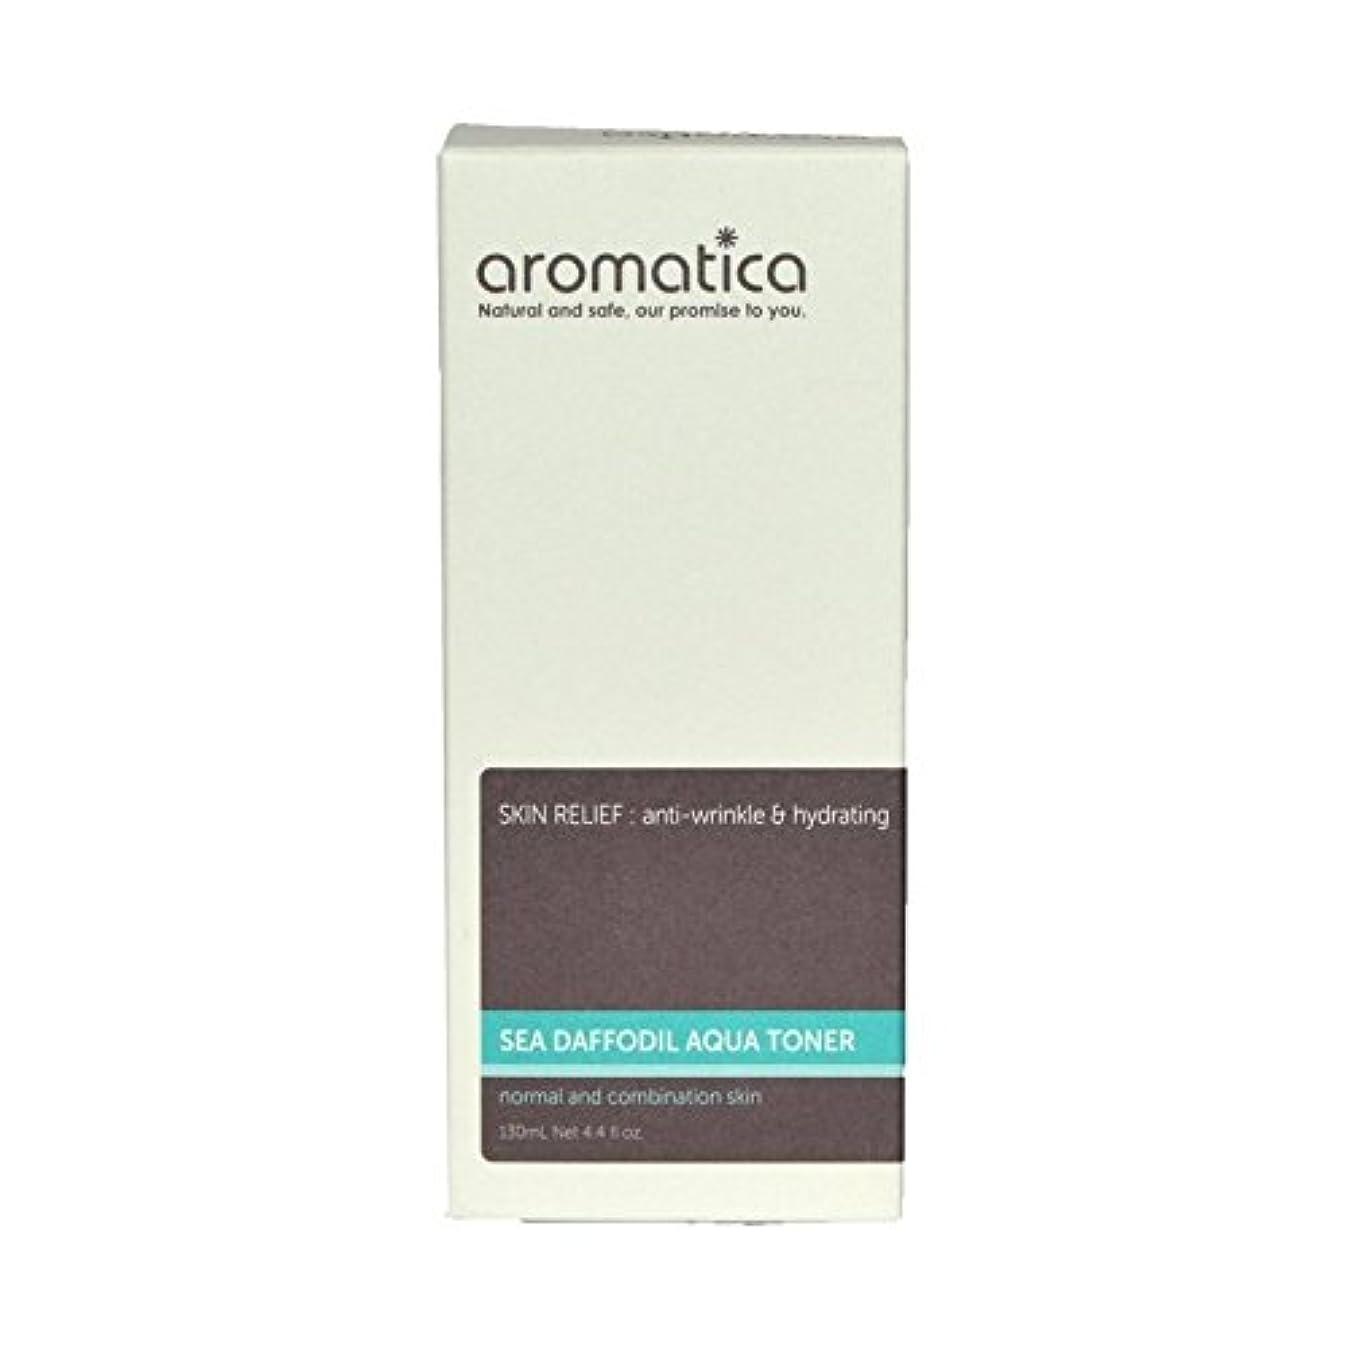 無線動物泣き叫ぶ海スイセンアクアトナー130ミリリットル x2 - aromatica Sea Daffodil Aqua Toner 130ml (Pack of 2) [並行輸入品]